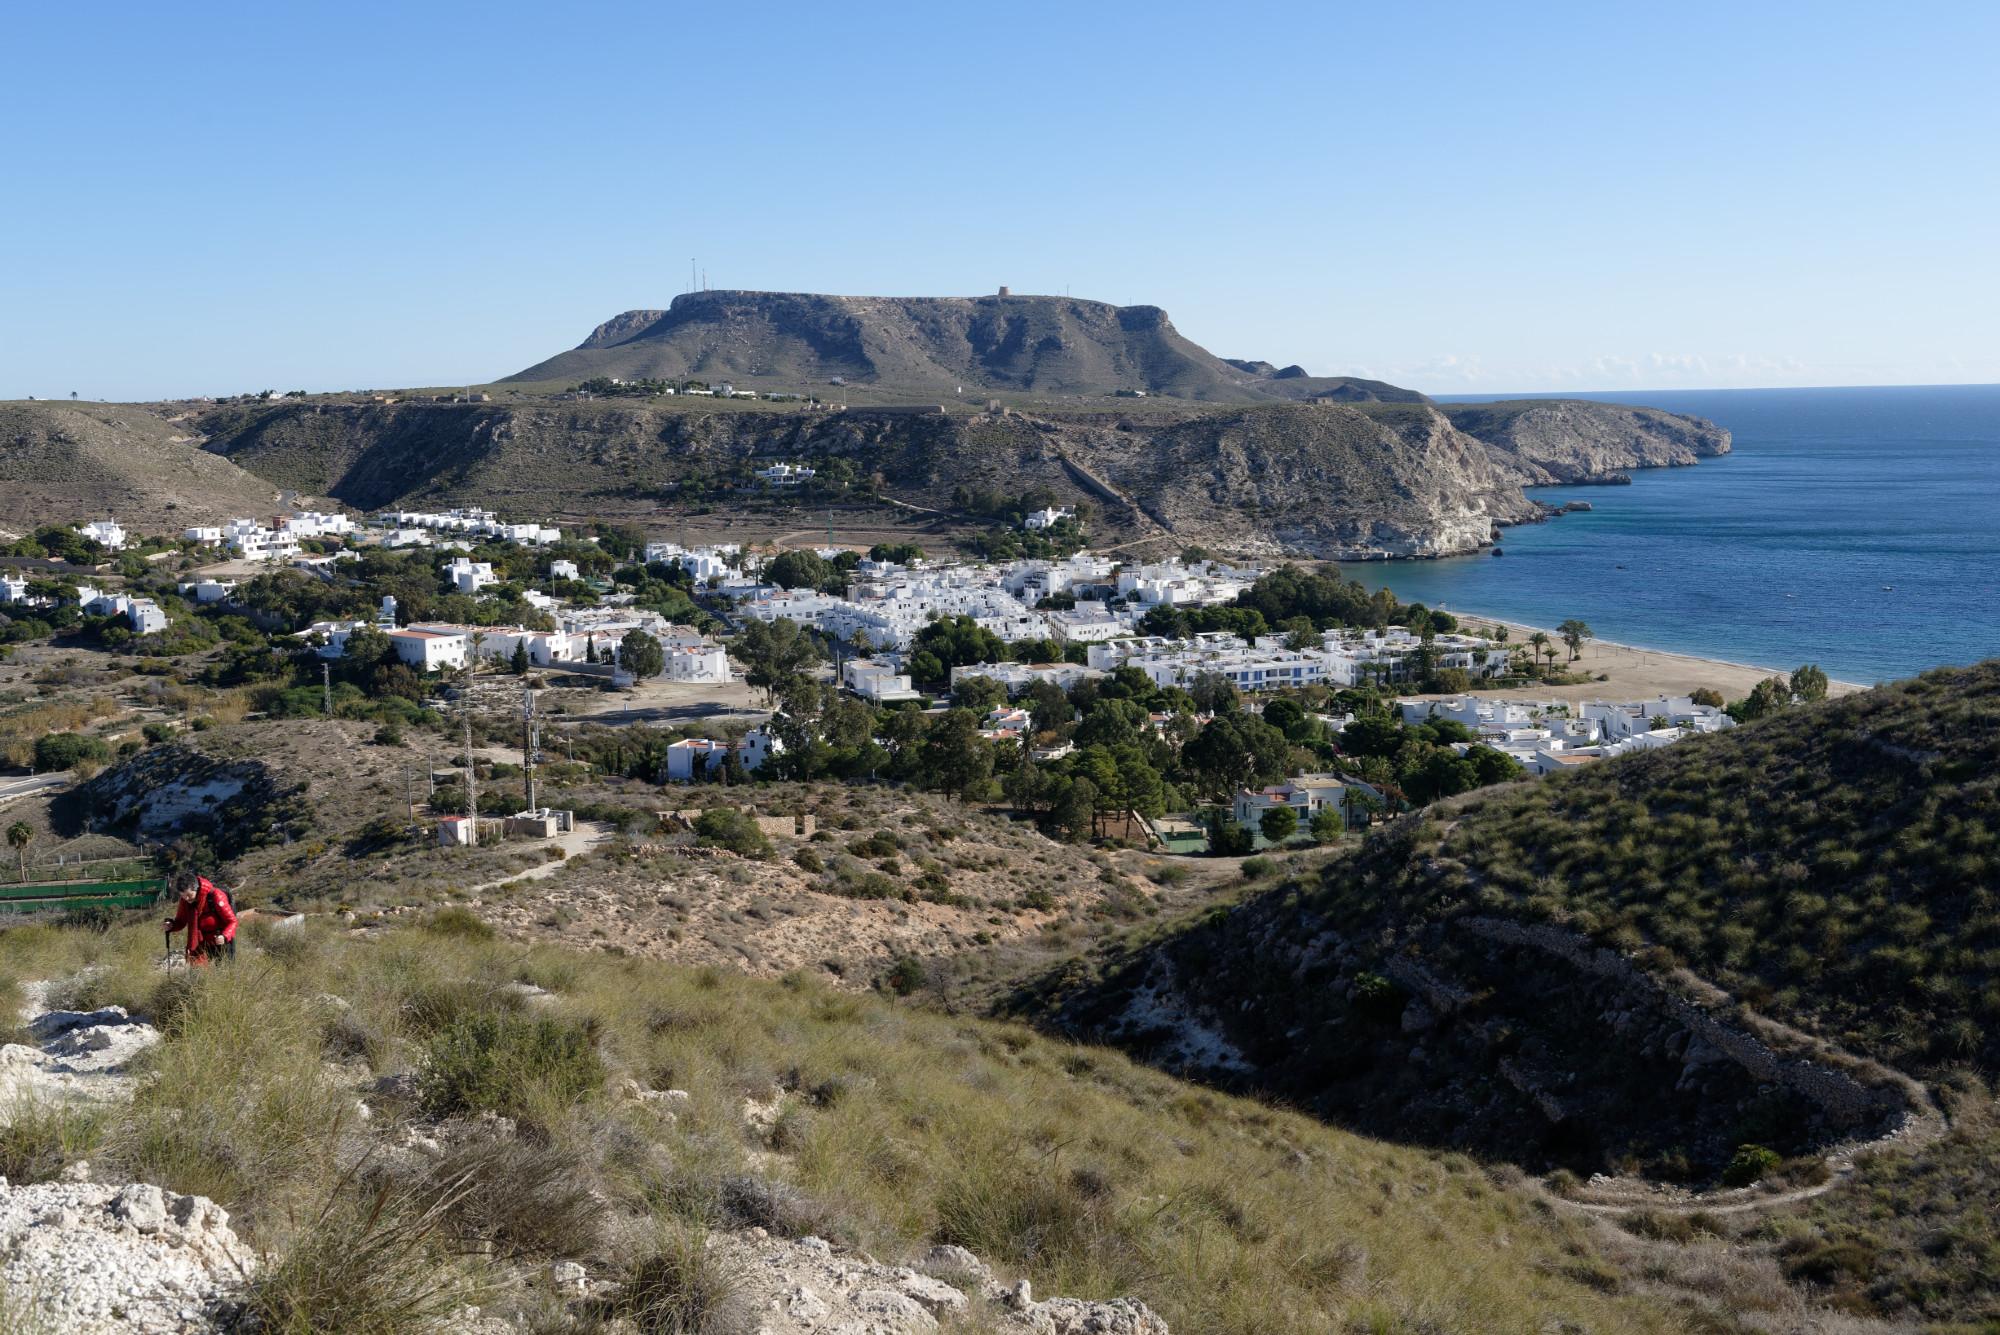 171217-Marche Agua Amarga vers Playa de Enmedio (Cabo de Gata-Andalousie) (22)